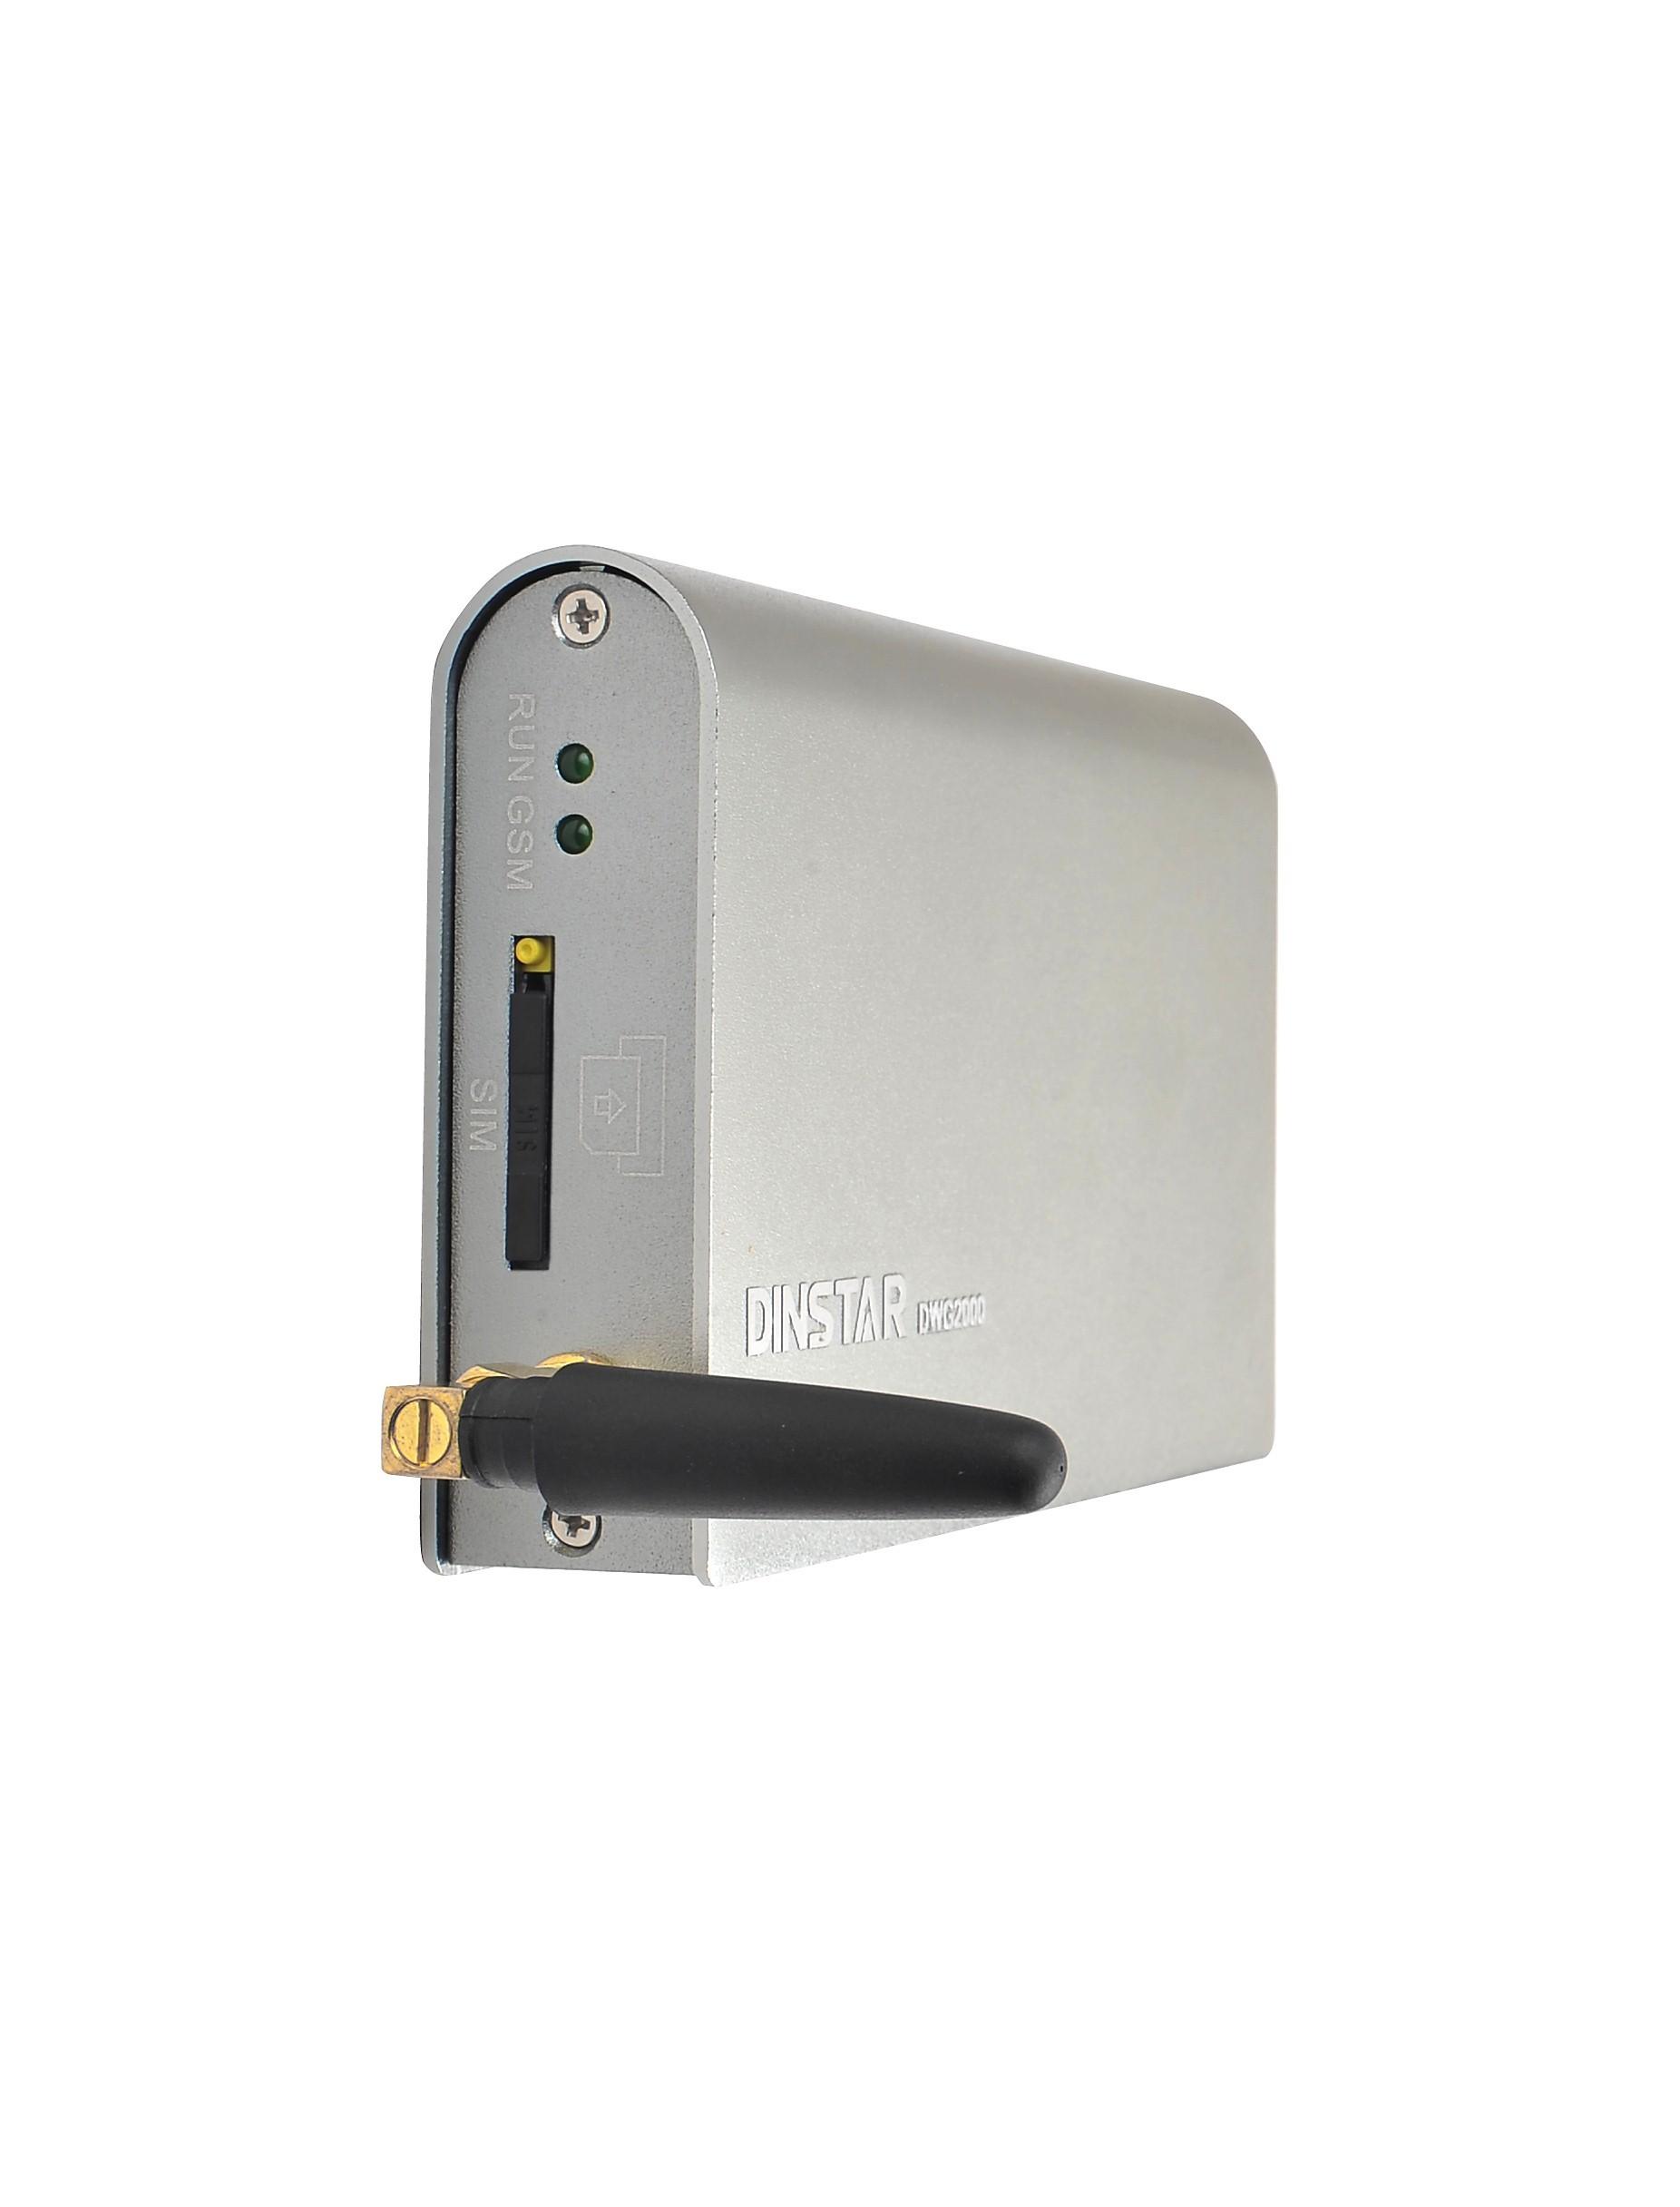 GSM Gateway - 1port DWG2000 Denstar 1-port single SIM Card